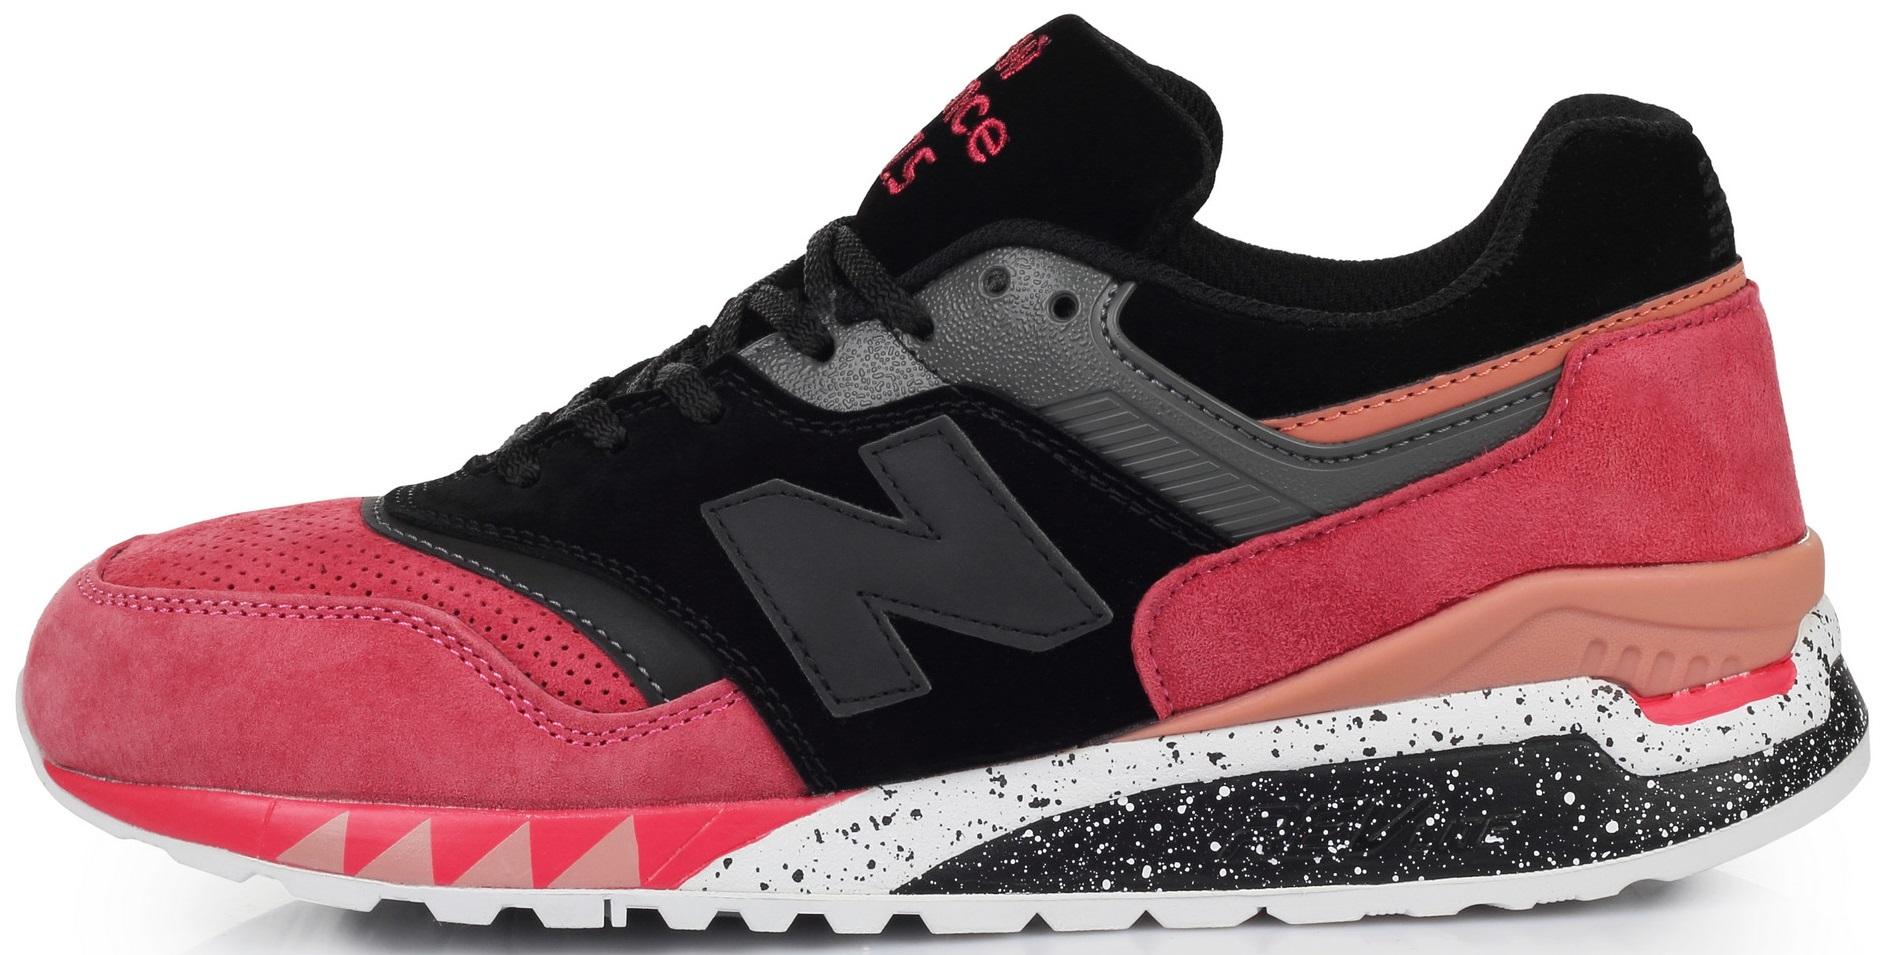 online retailer 8f22b e107e Мужские кроссовки Sneaker Freaker x New Balance 997.5